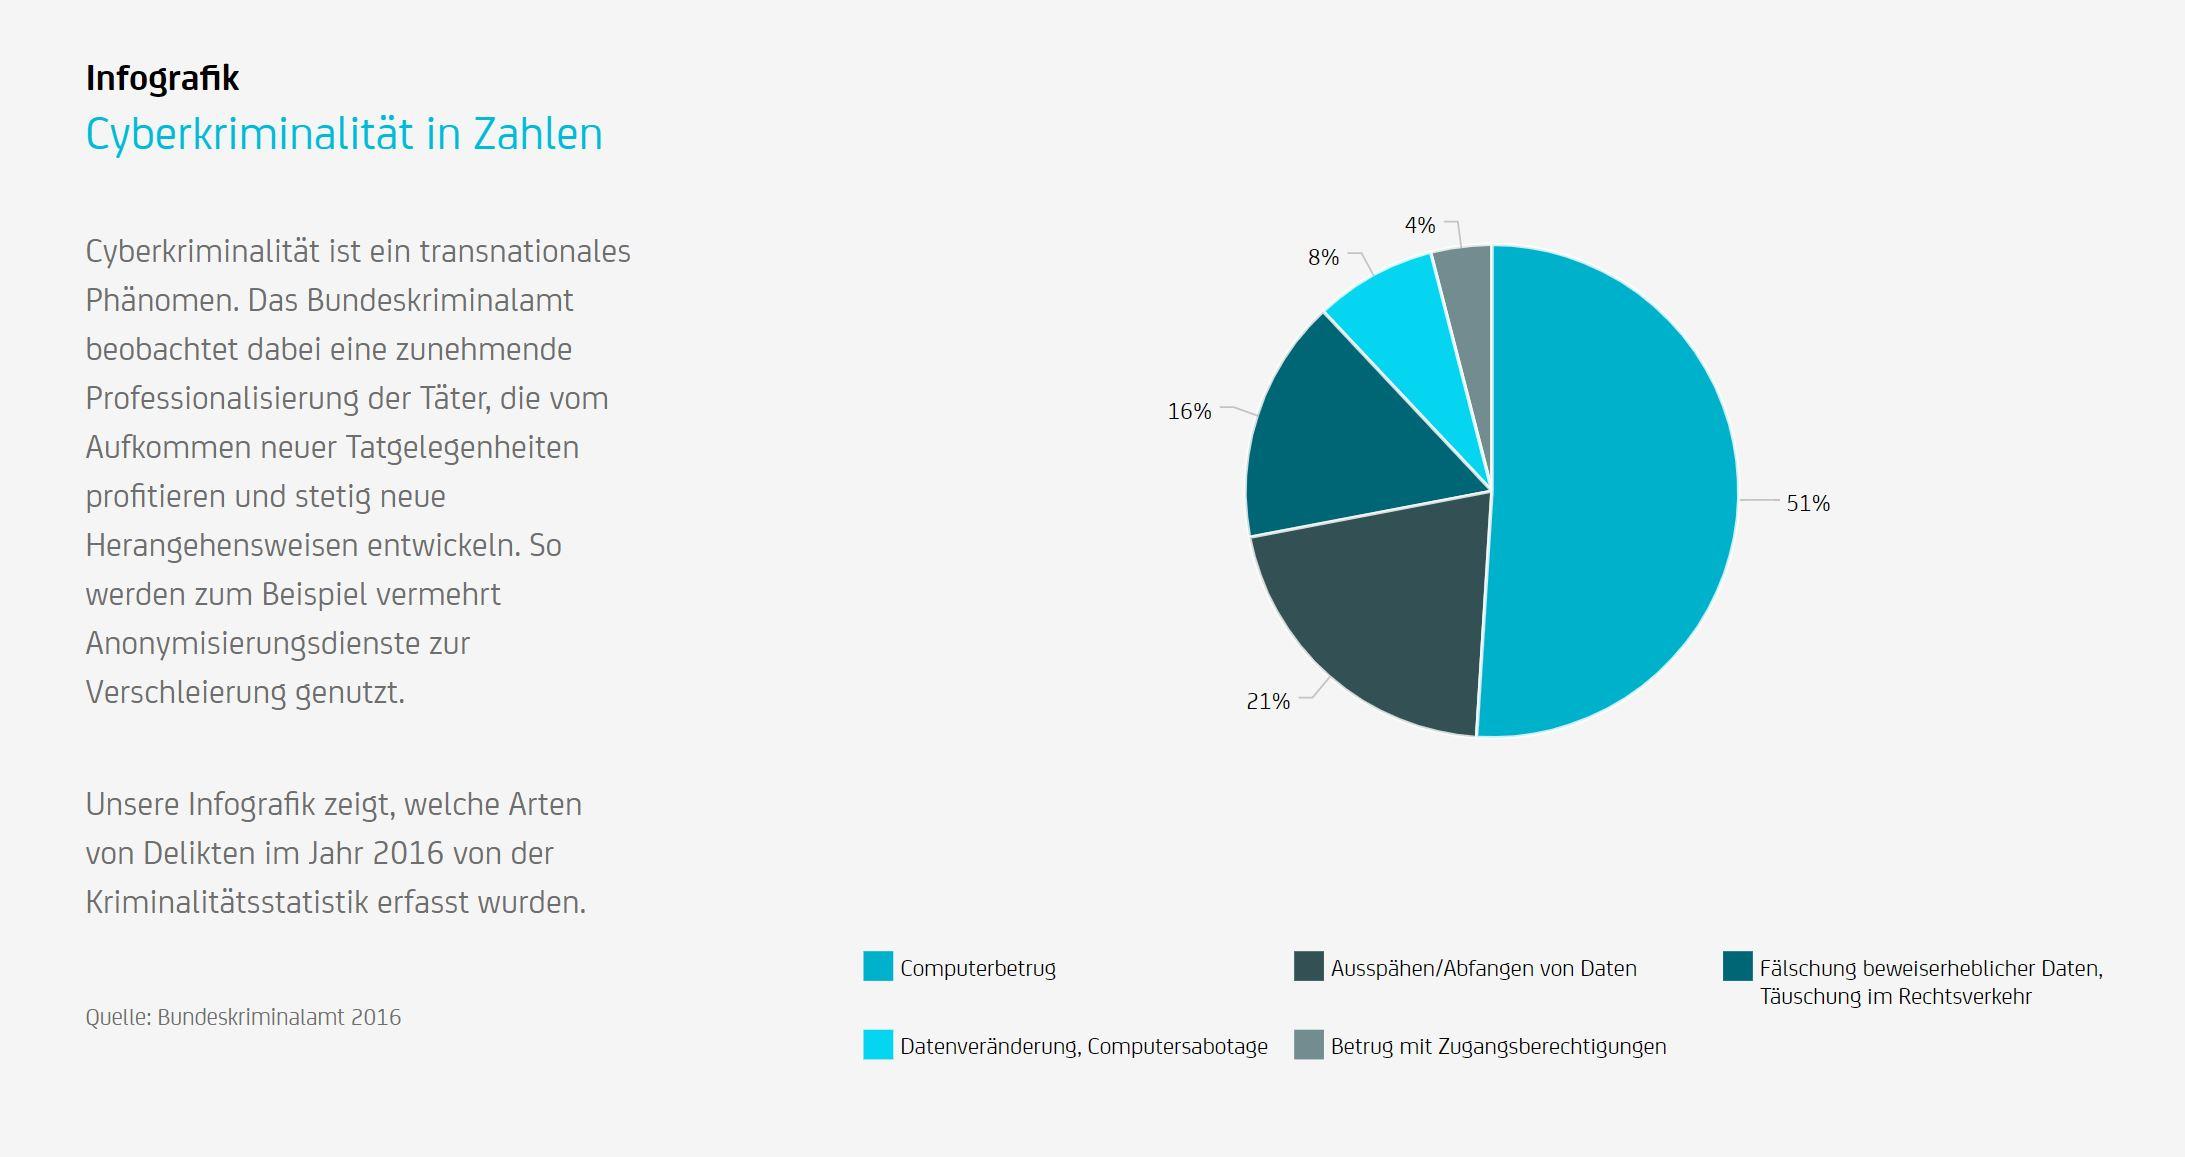 RIS Web- & Software Development - Cybersicherheit für Onlineunternehmen, Grafik zur Cyberkriminalität 2016